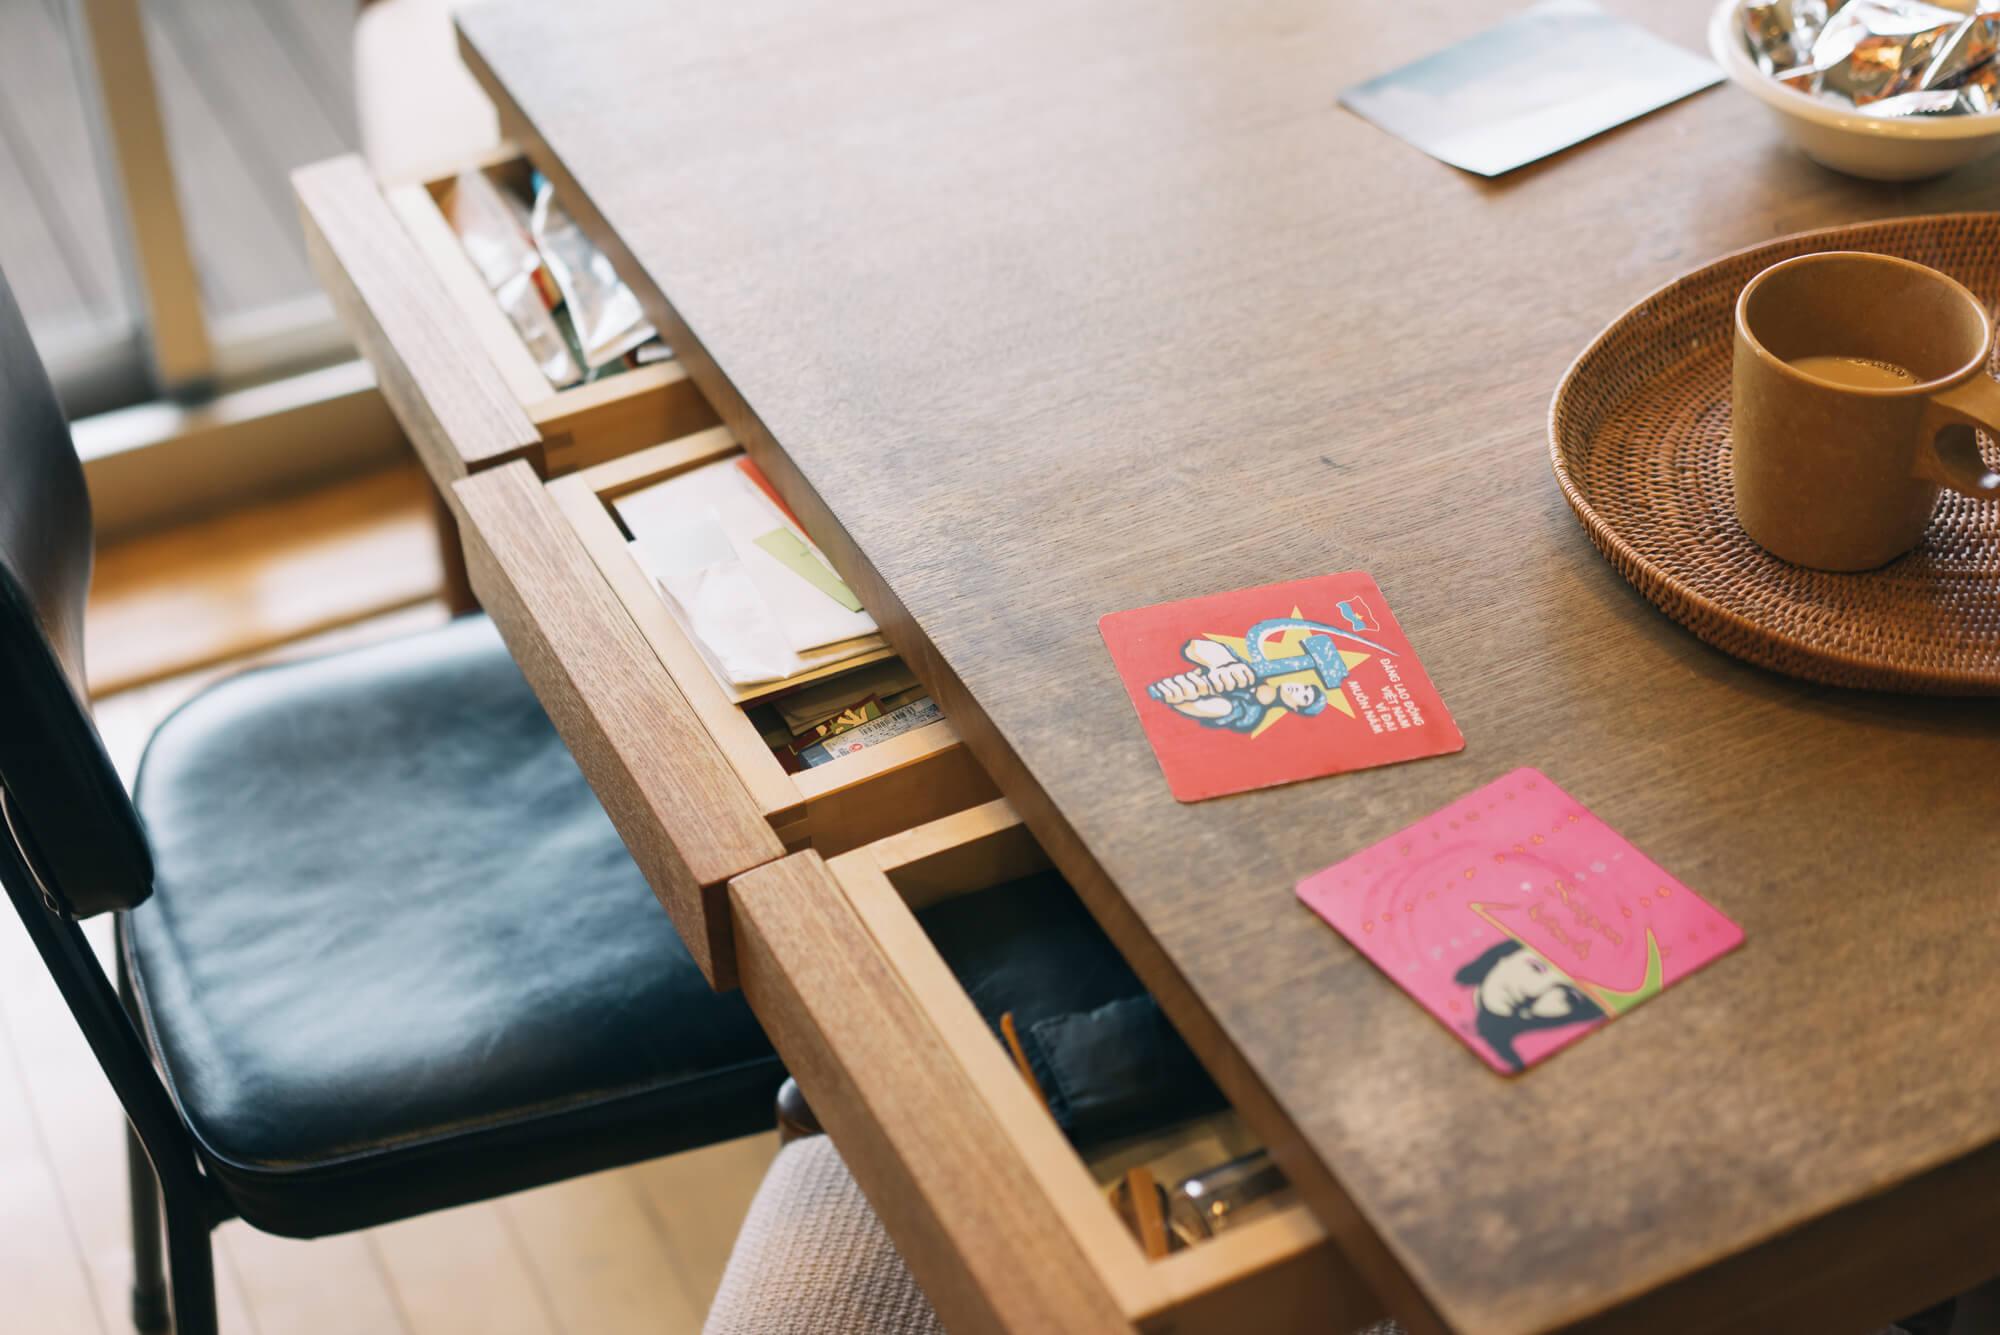 引き出しつきの機能的な机は、台所にあわせてBADONさんのお父さんが作ってくれたもの。20年経って、台所もテーブルも、味が出て良い雰囲気に。